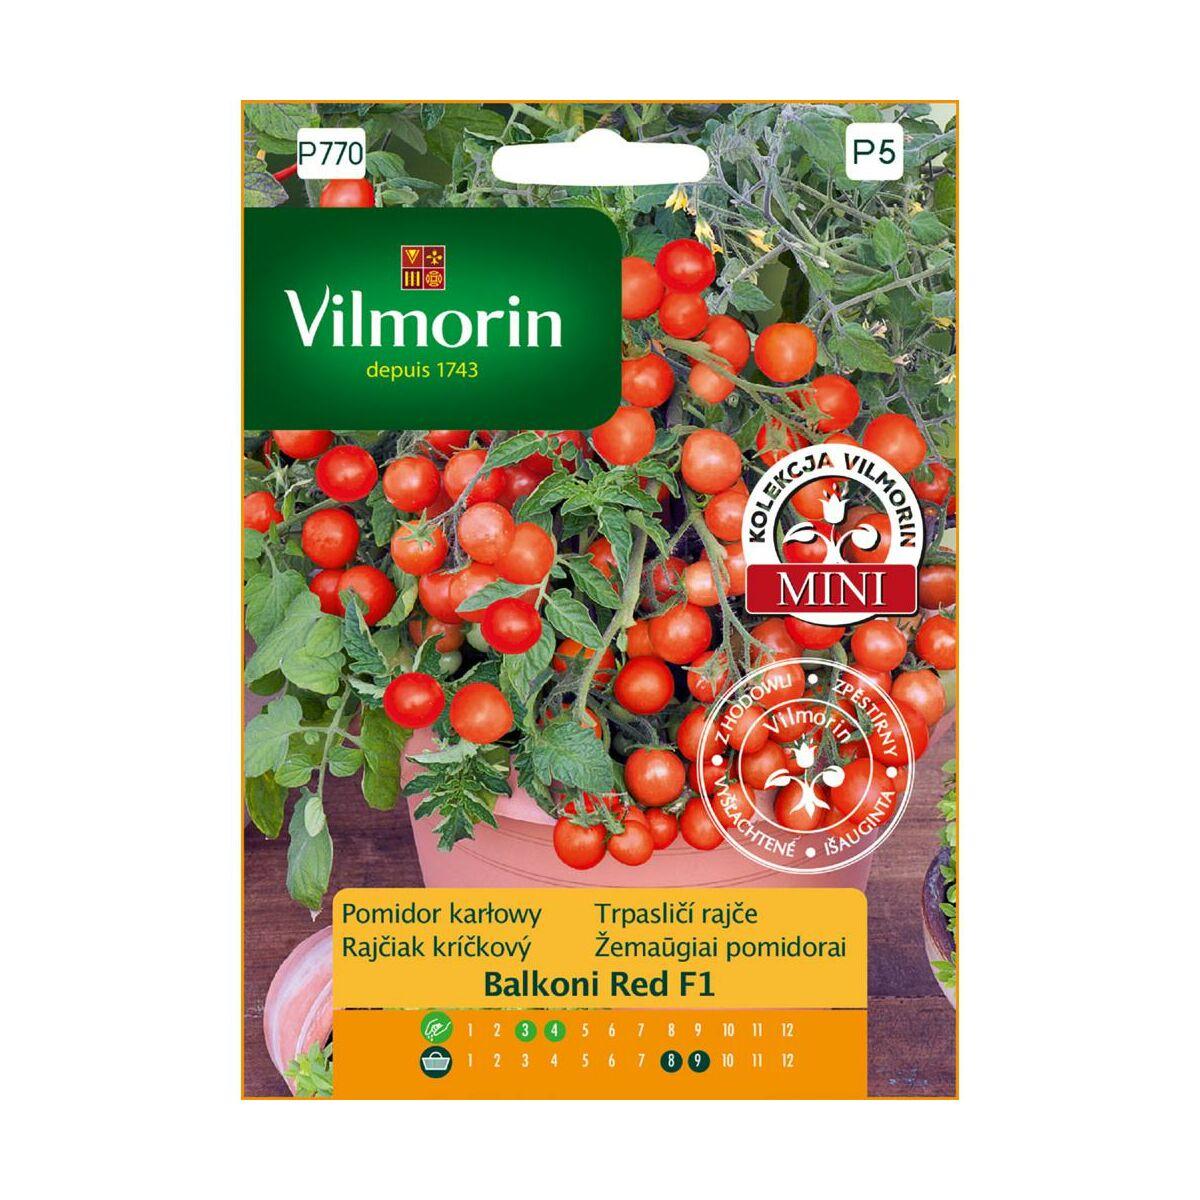 Jak Samodzielnie Uprawiać Pomidory Koktajlowe W Domu Czy Na